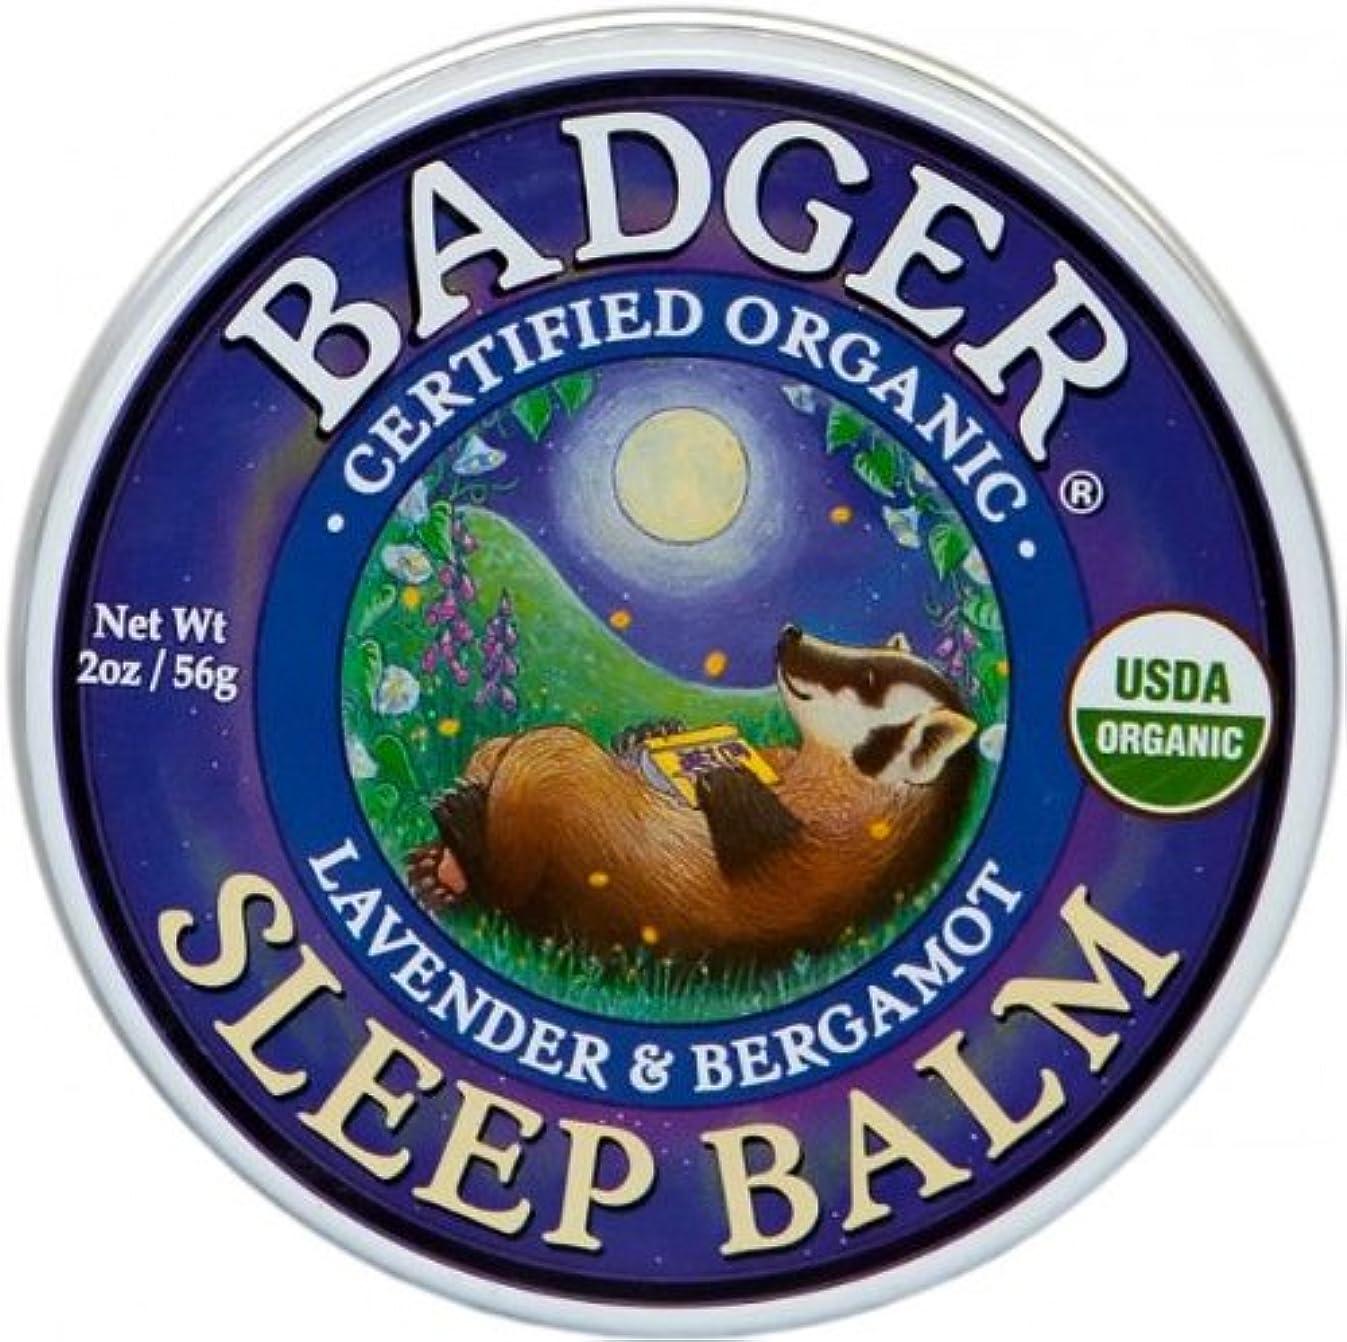 間に合わせ削除する印象Badger バジャー オーガニック スリープバーム おやすみ前アロマクリーム【大サイズ】 56g【海外直送品】【並行輸入品】